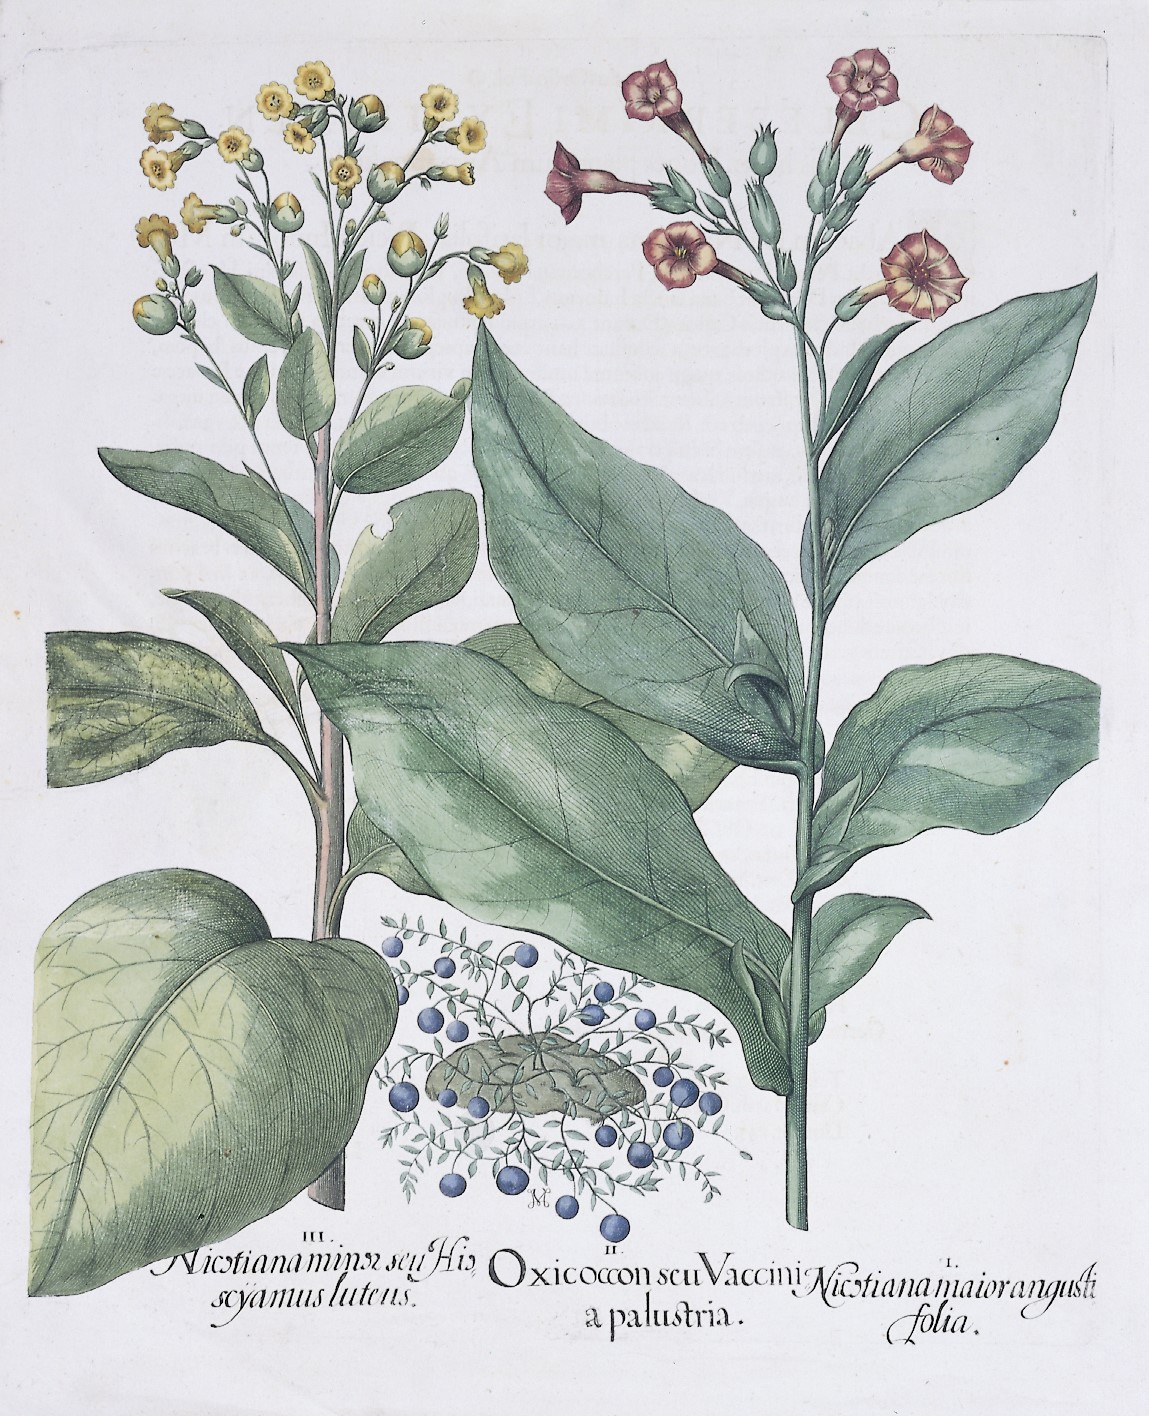 Tabakhistorische Sammlung